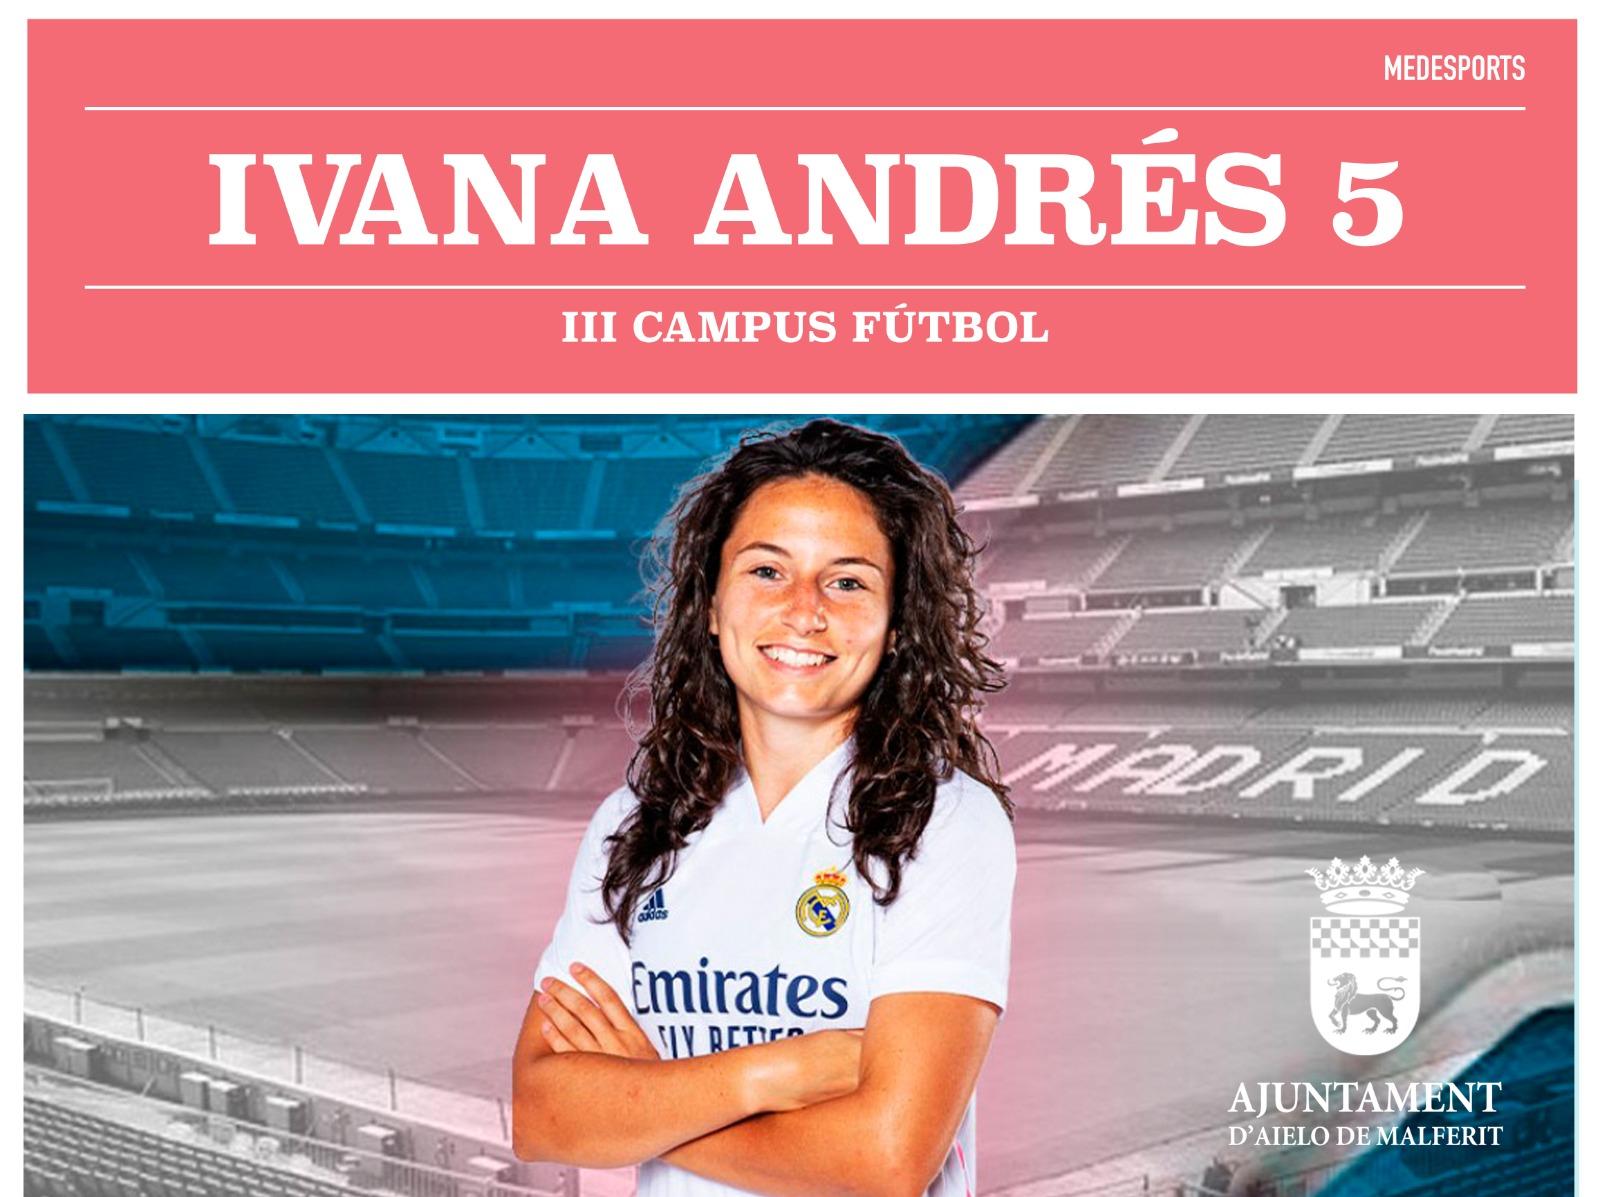 Aielo de Malferit realitzarà la 3a edició del Campus Futbolístic Ivana Andrés